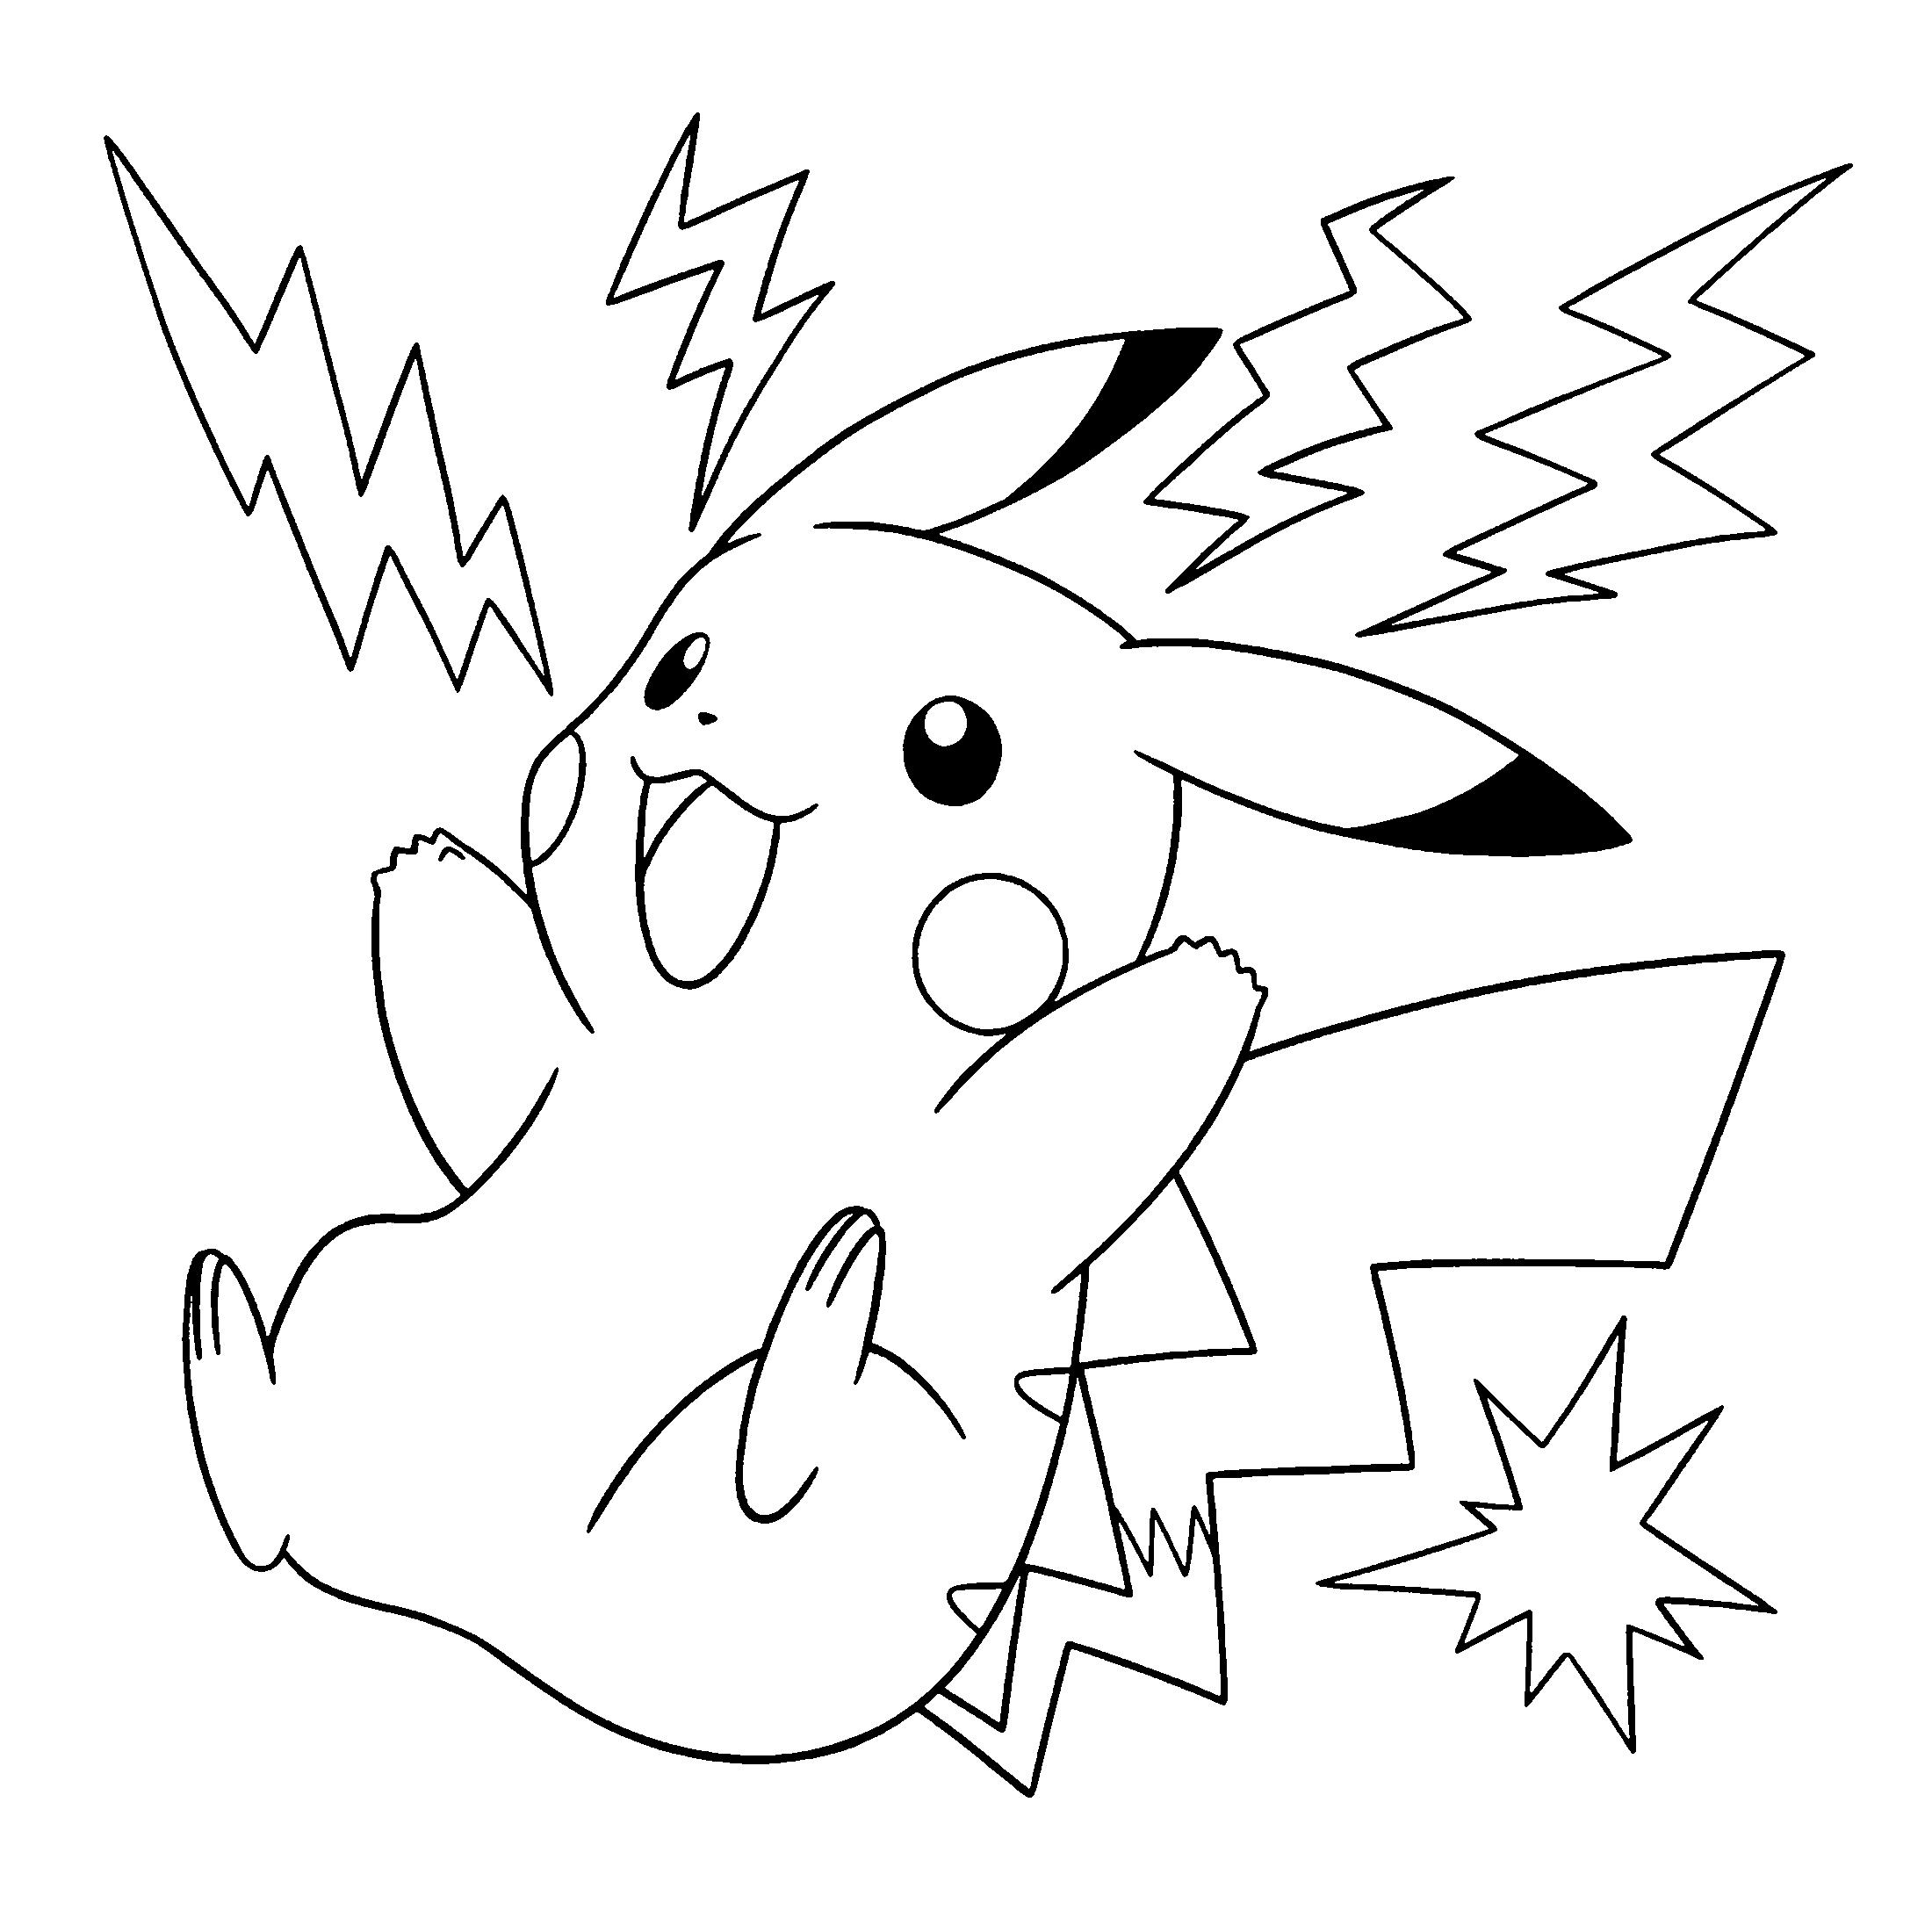 Dessin De Pikachu Facile - Primanyc tout Dessin Facile Pikachu